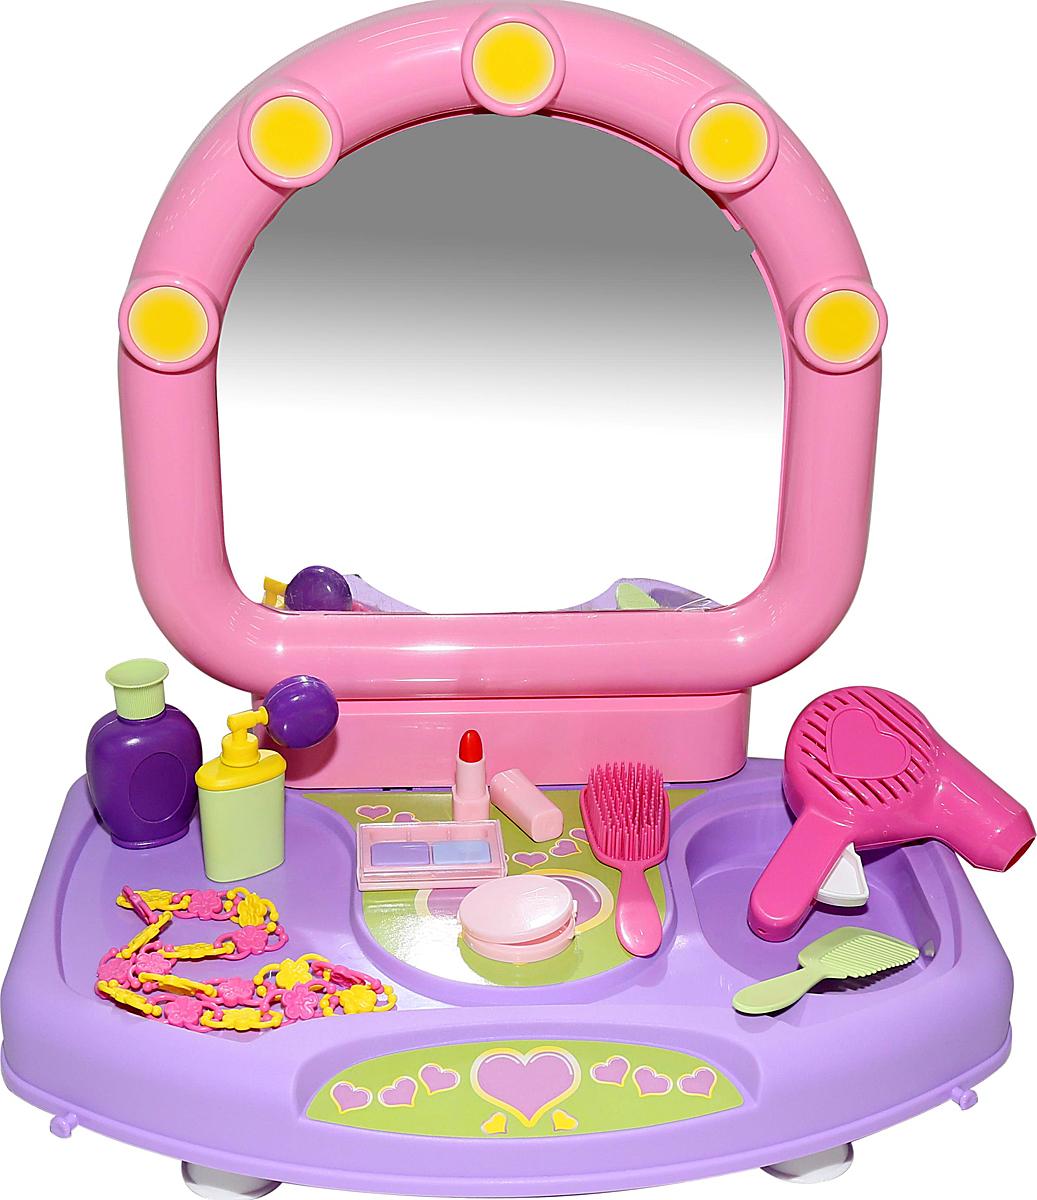 Полесье Игровой набор Салон красоты Милена 53428, цвет в ассортименте